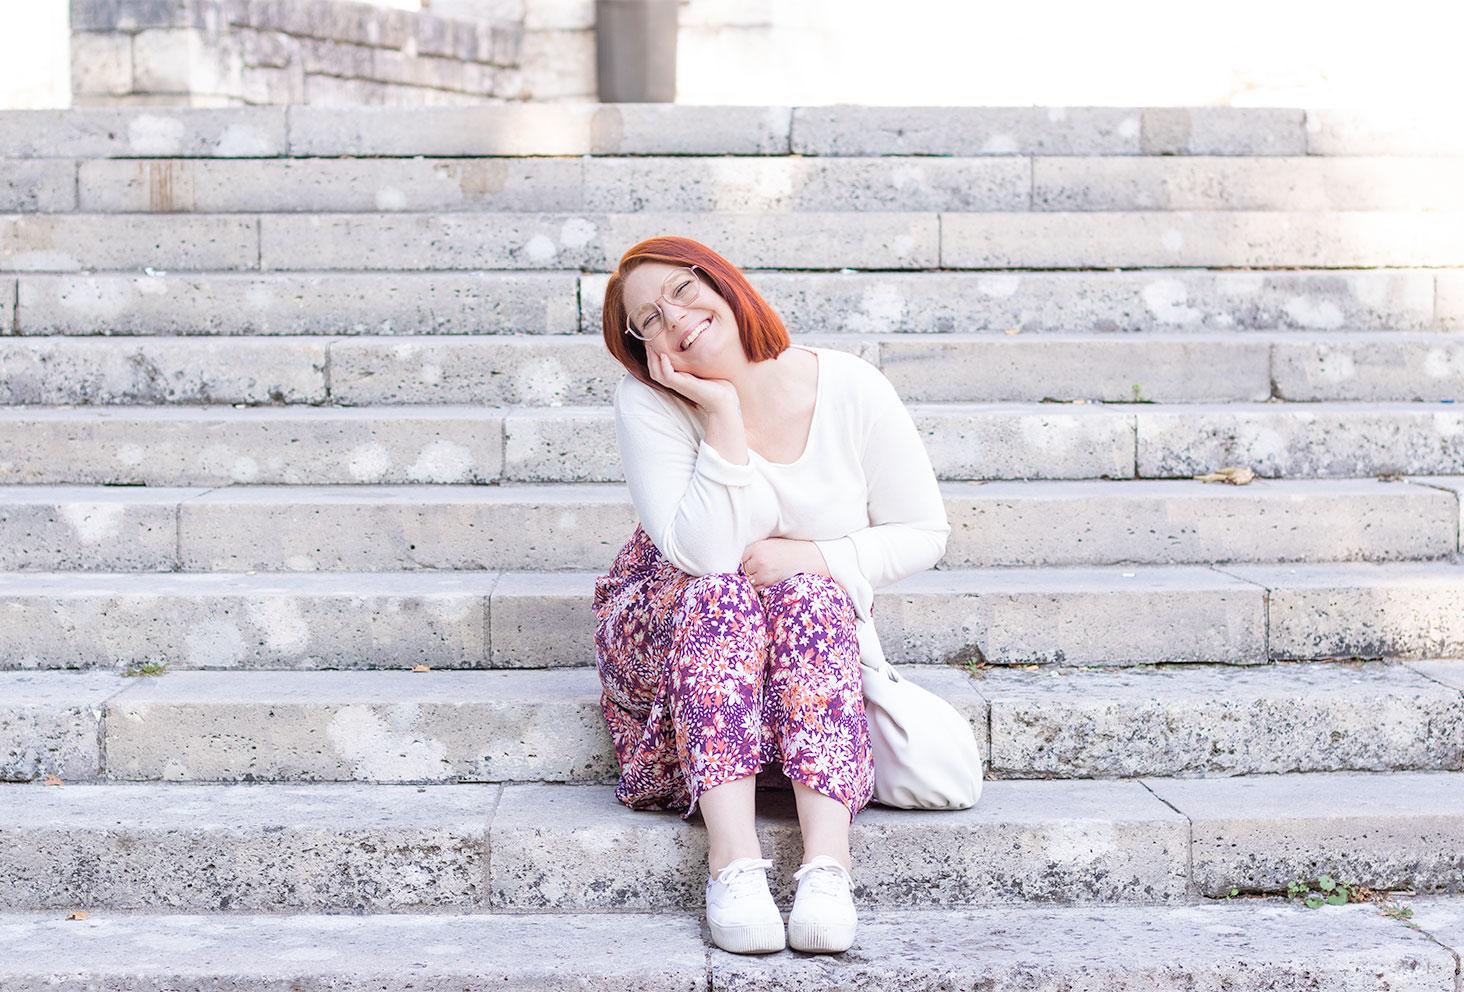 Assise dans des marches en pierre, la tête penchée posée dans la main, avec le sourire